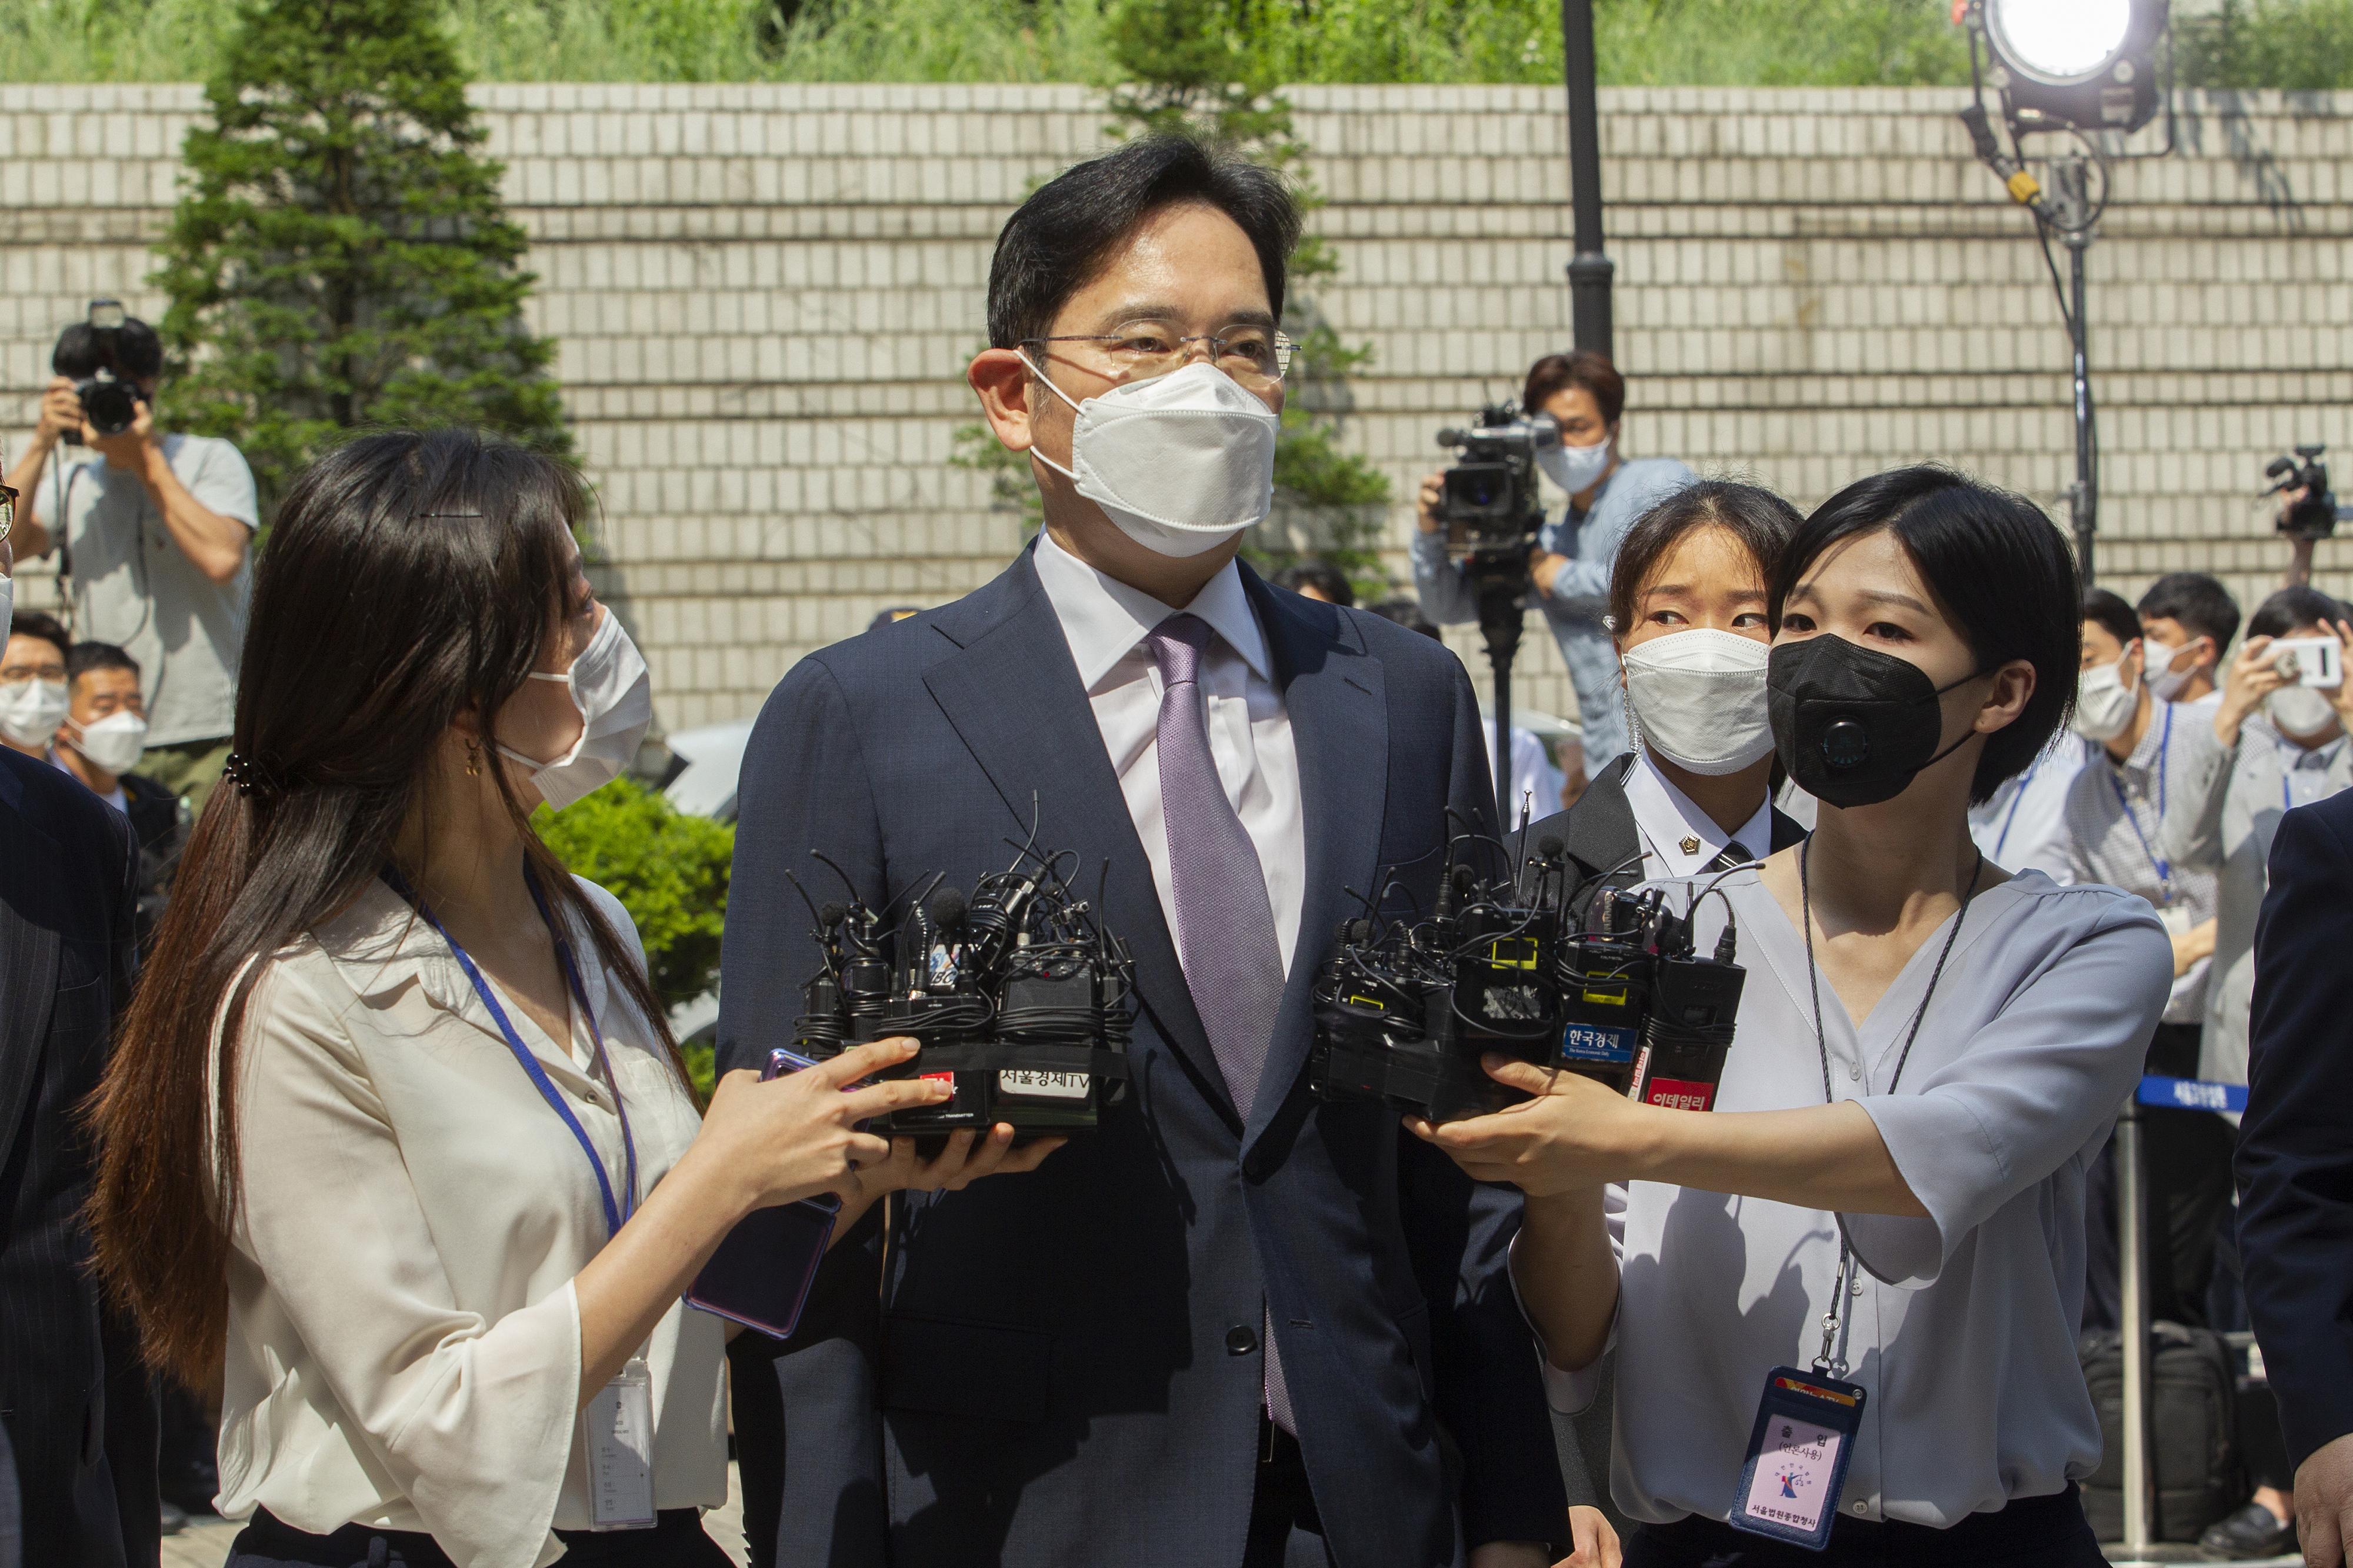 A bíróság megtagadta a letartóztatási parancs kiadását a Samsung csalással gyanúsított vezetője ellen